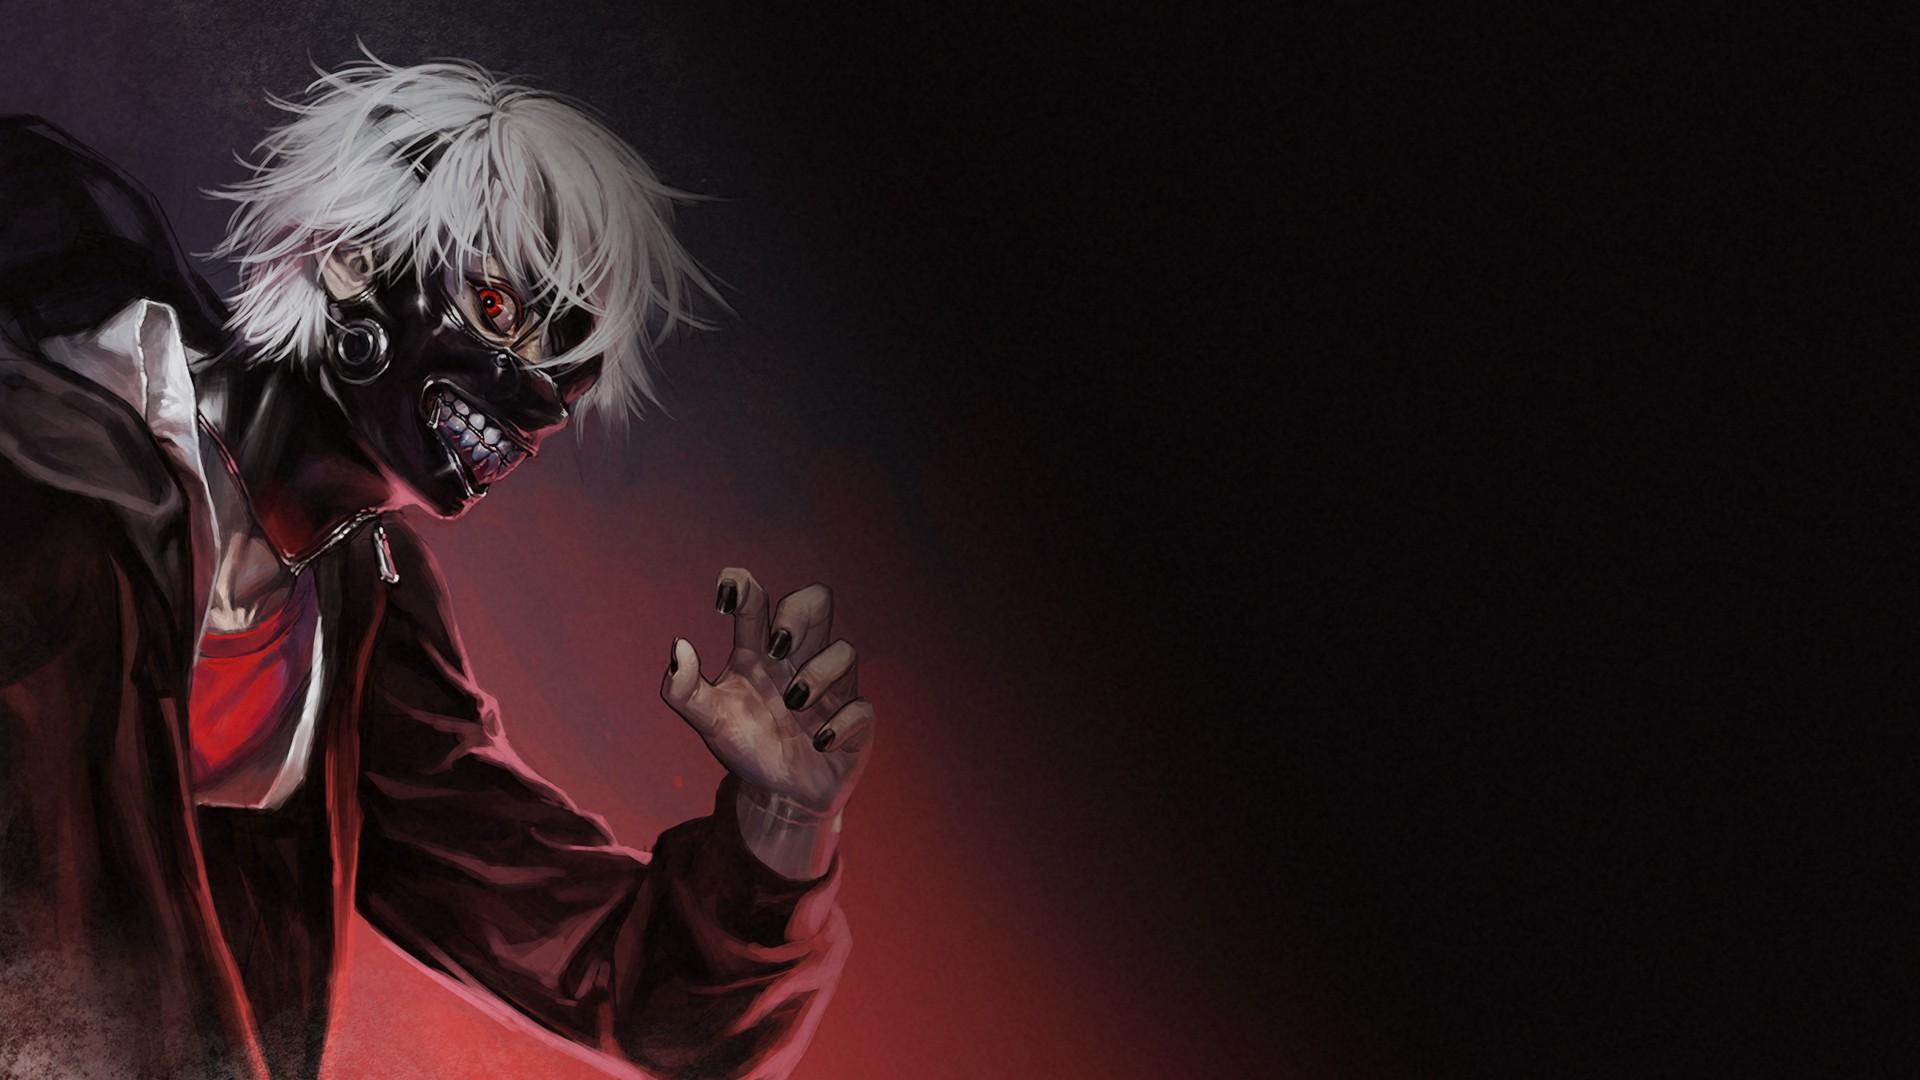 Dowload Walpaper Anime Tokyo Ghoul 2019: Wallpaper : Anime Boys, Kaneki Ken, Tokyo Ghoul